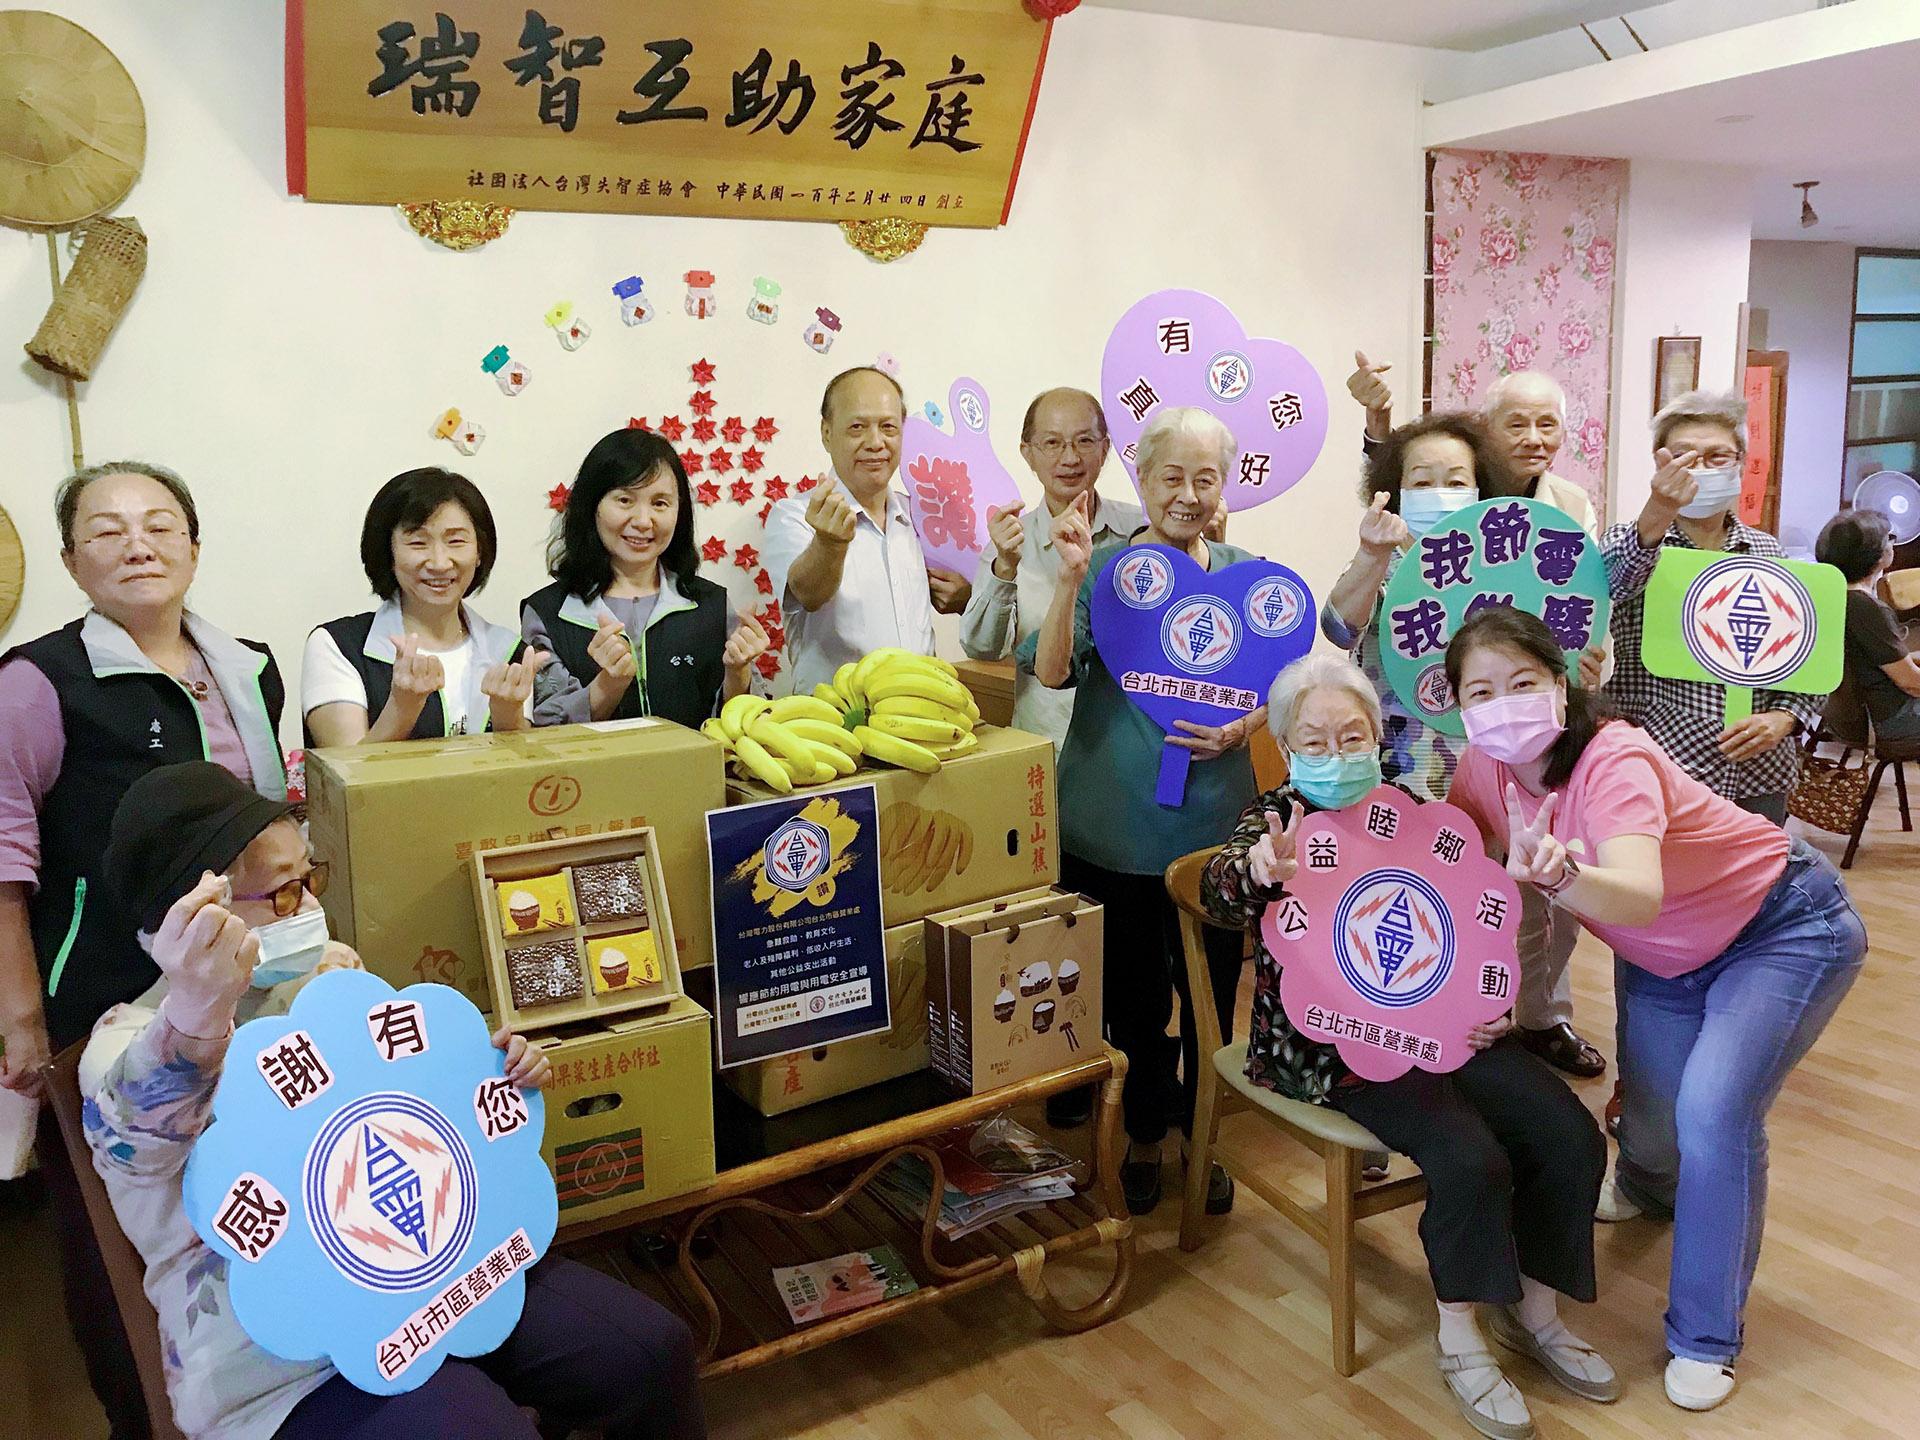 台電台北市區營業處暖心準備豐富的禮盒及水果送給台灣失智症協會的長輩。